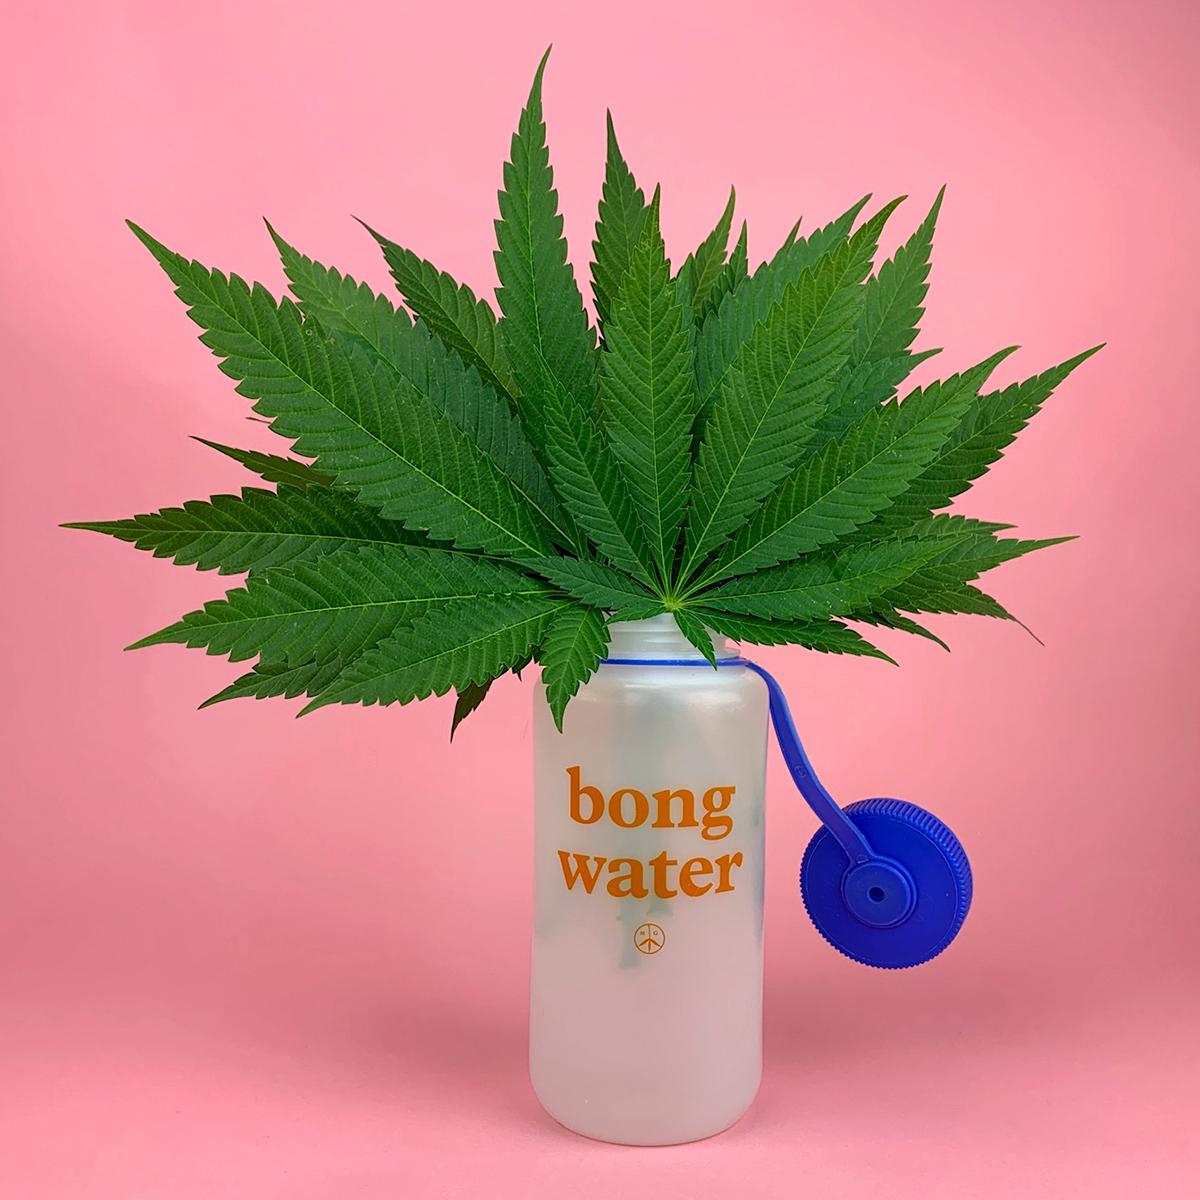 bongwater_bouquet_IG.jpg